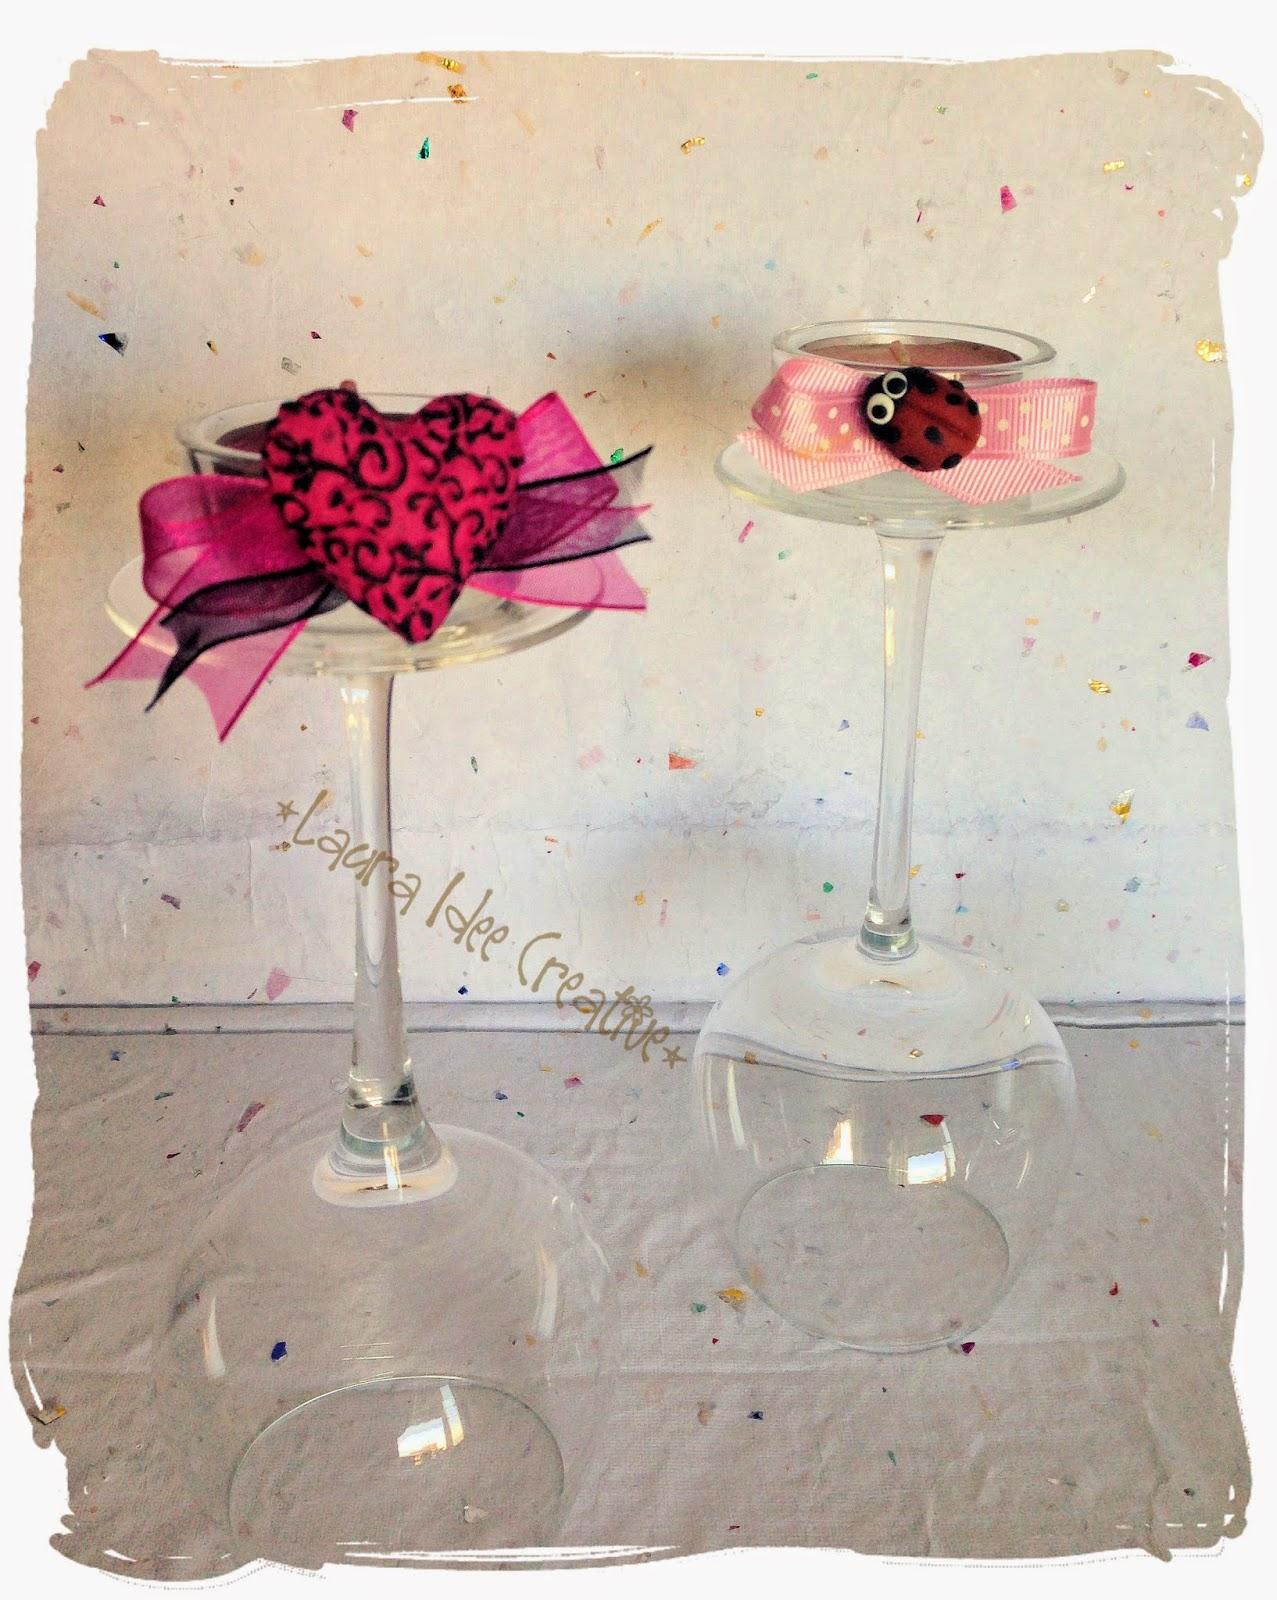 Laura idee creative tempo di cerimonie bomboniere e - Decorazioni per cresima ...